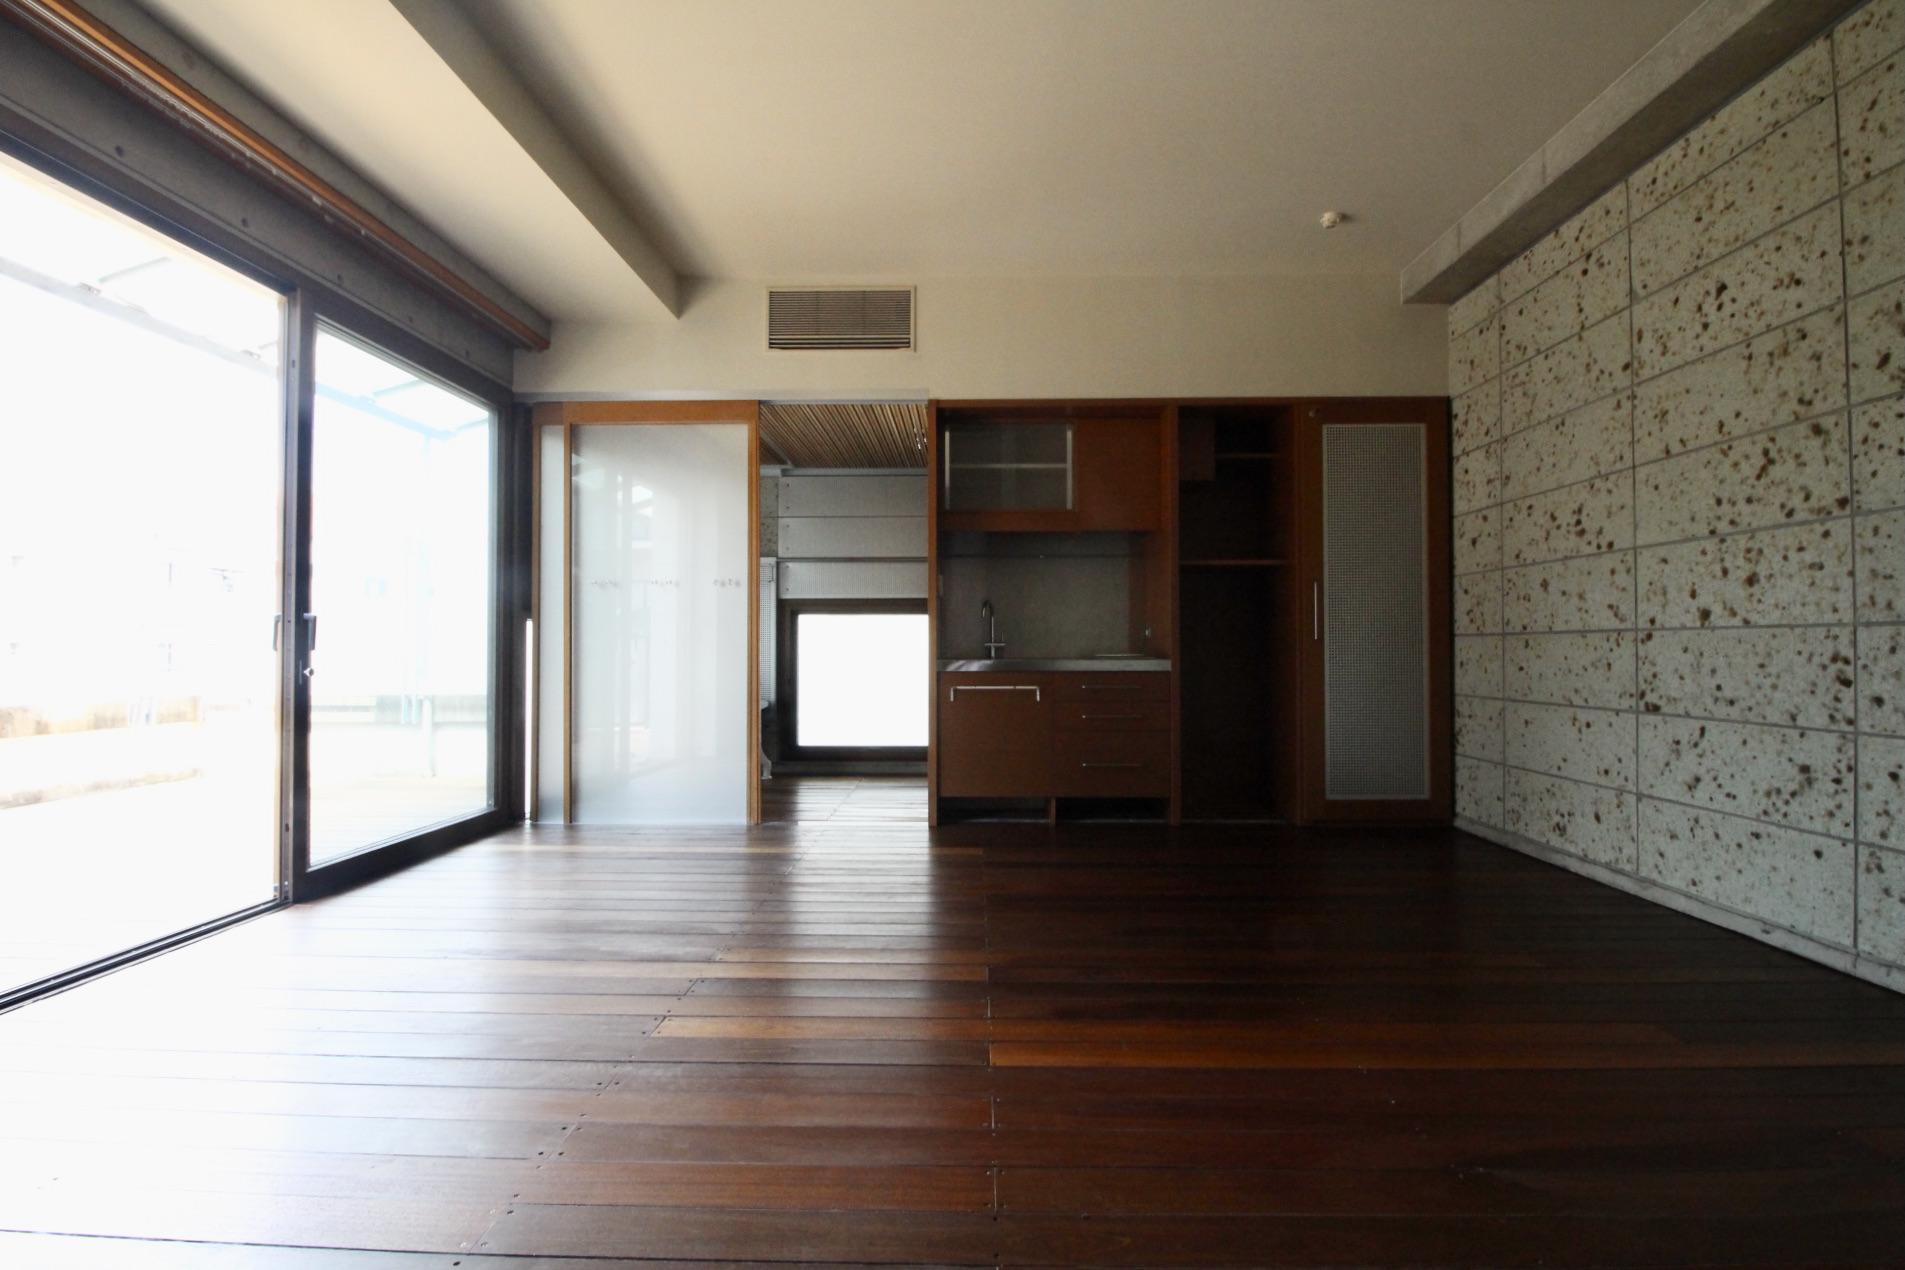 室内にも石壁を使用し、木製サッシの大開口窓からバルコニー兼玄関へフラットに繋がる